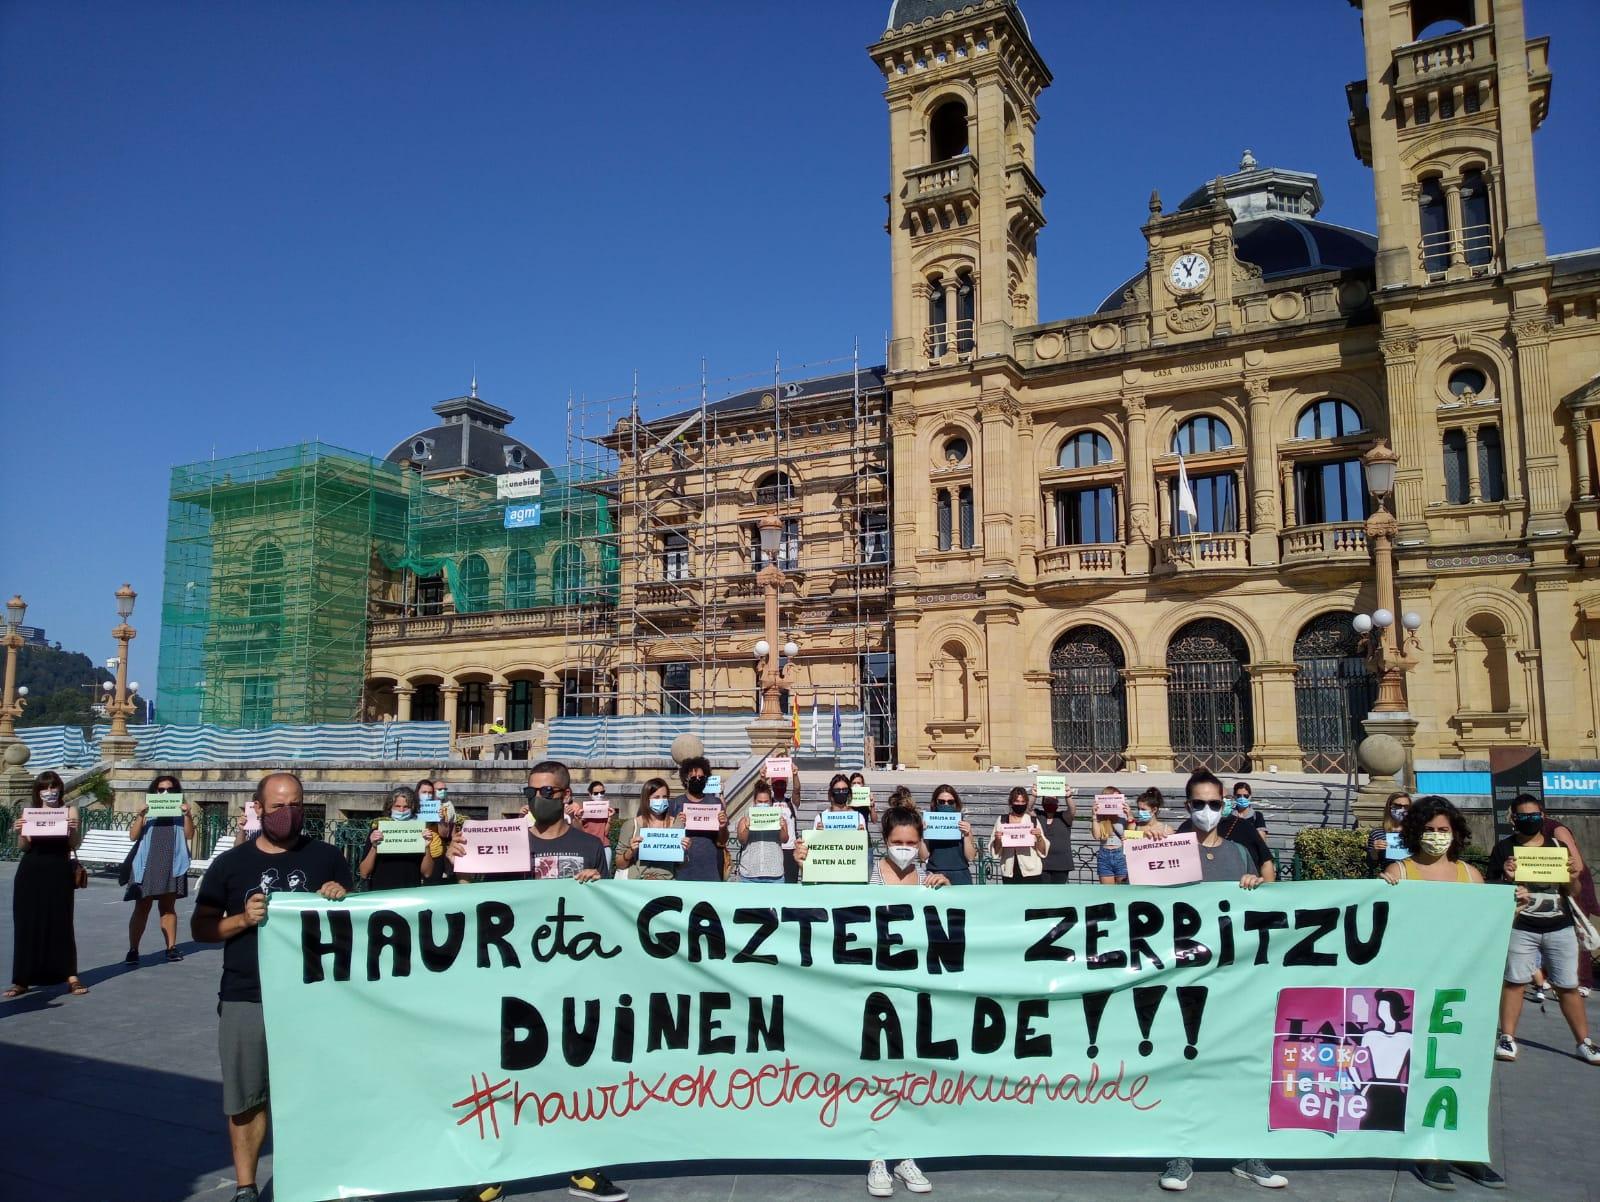 Haurtxokos y gaztelekus representados ayer en el Ayuntamiento. Foto: Ela